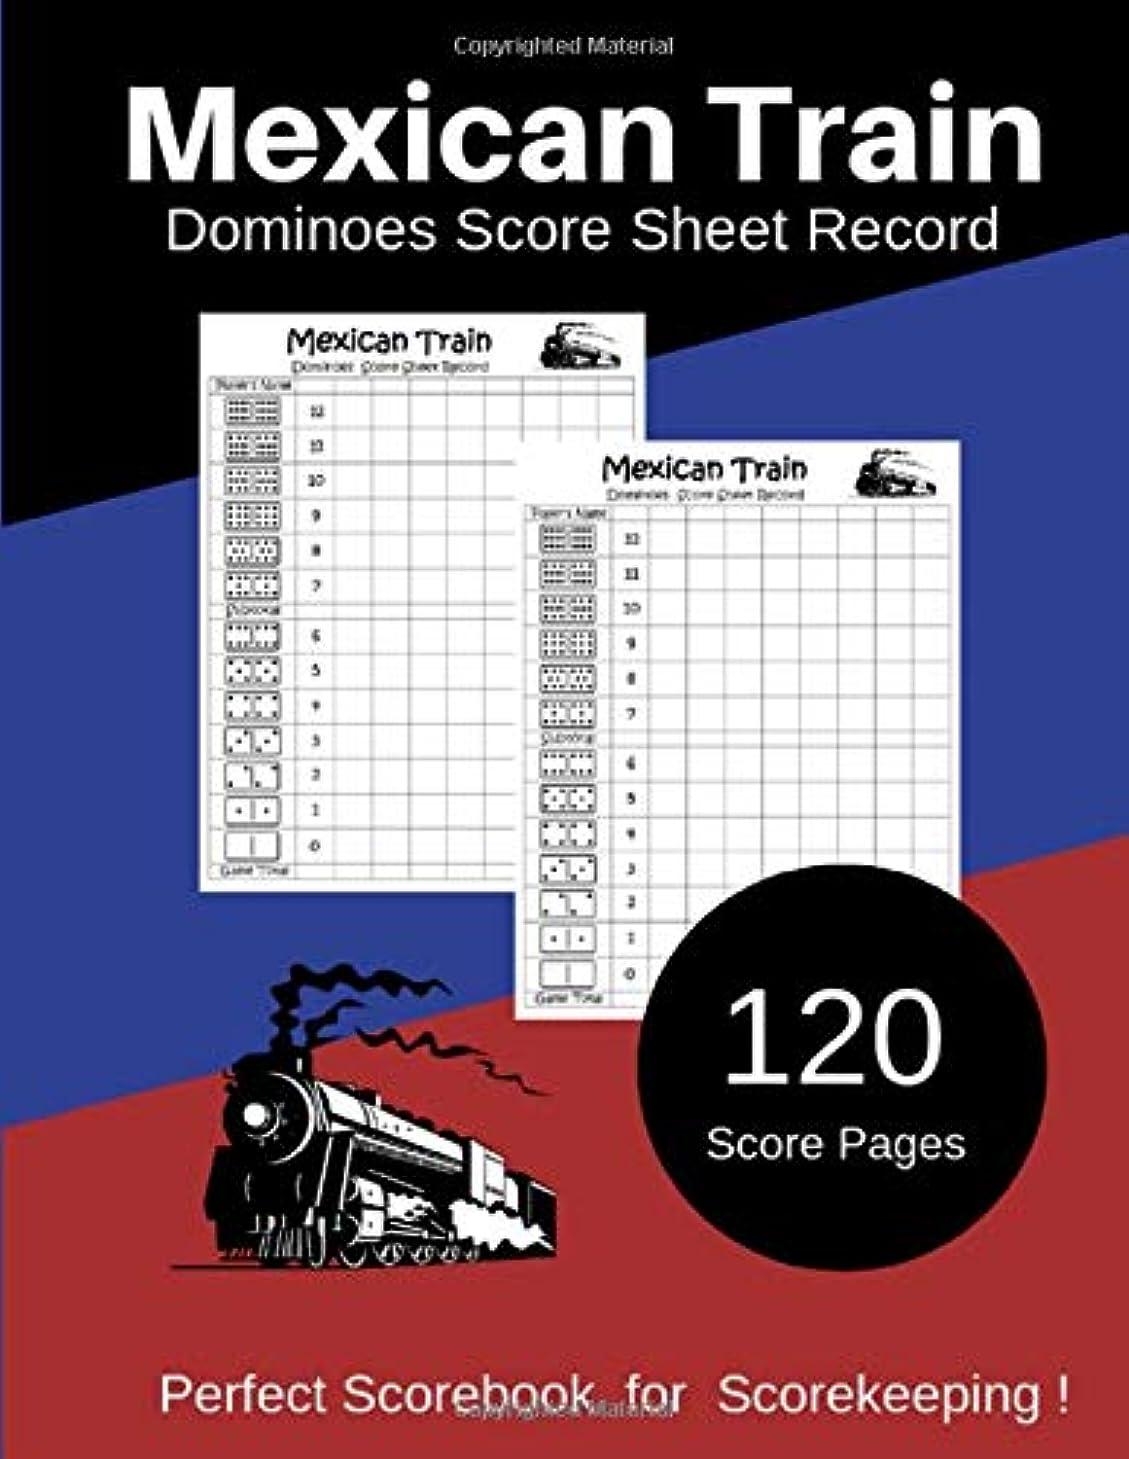 コレクション結核色合いMexican Train Dominoes Score Sheet Record: Perfect Scorebook for Scorekeeping / Games Record / 120 Score Sheets for ScoreKeeping / Mexican Train Dominoes Scoring Game Record Level Keeper Book (Gift)